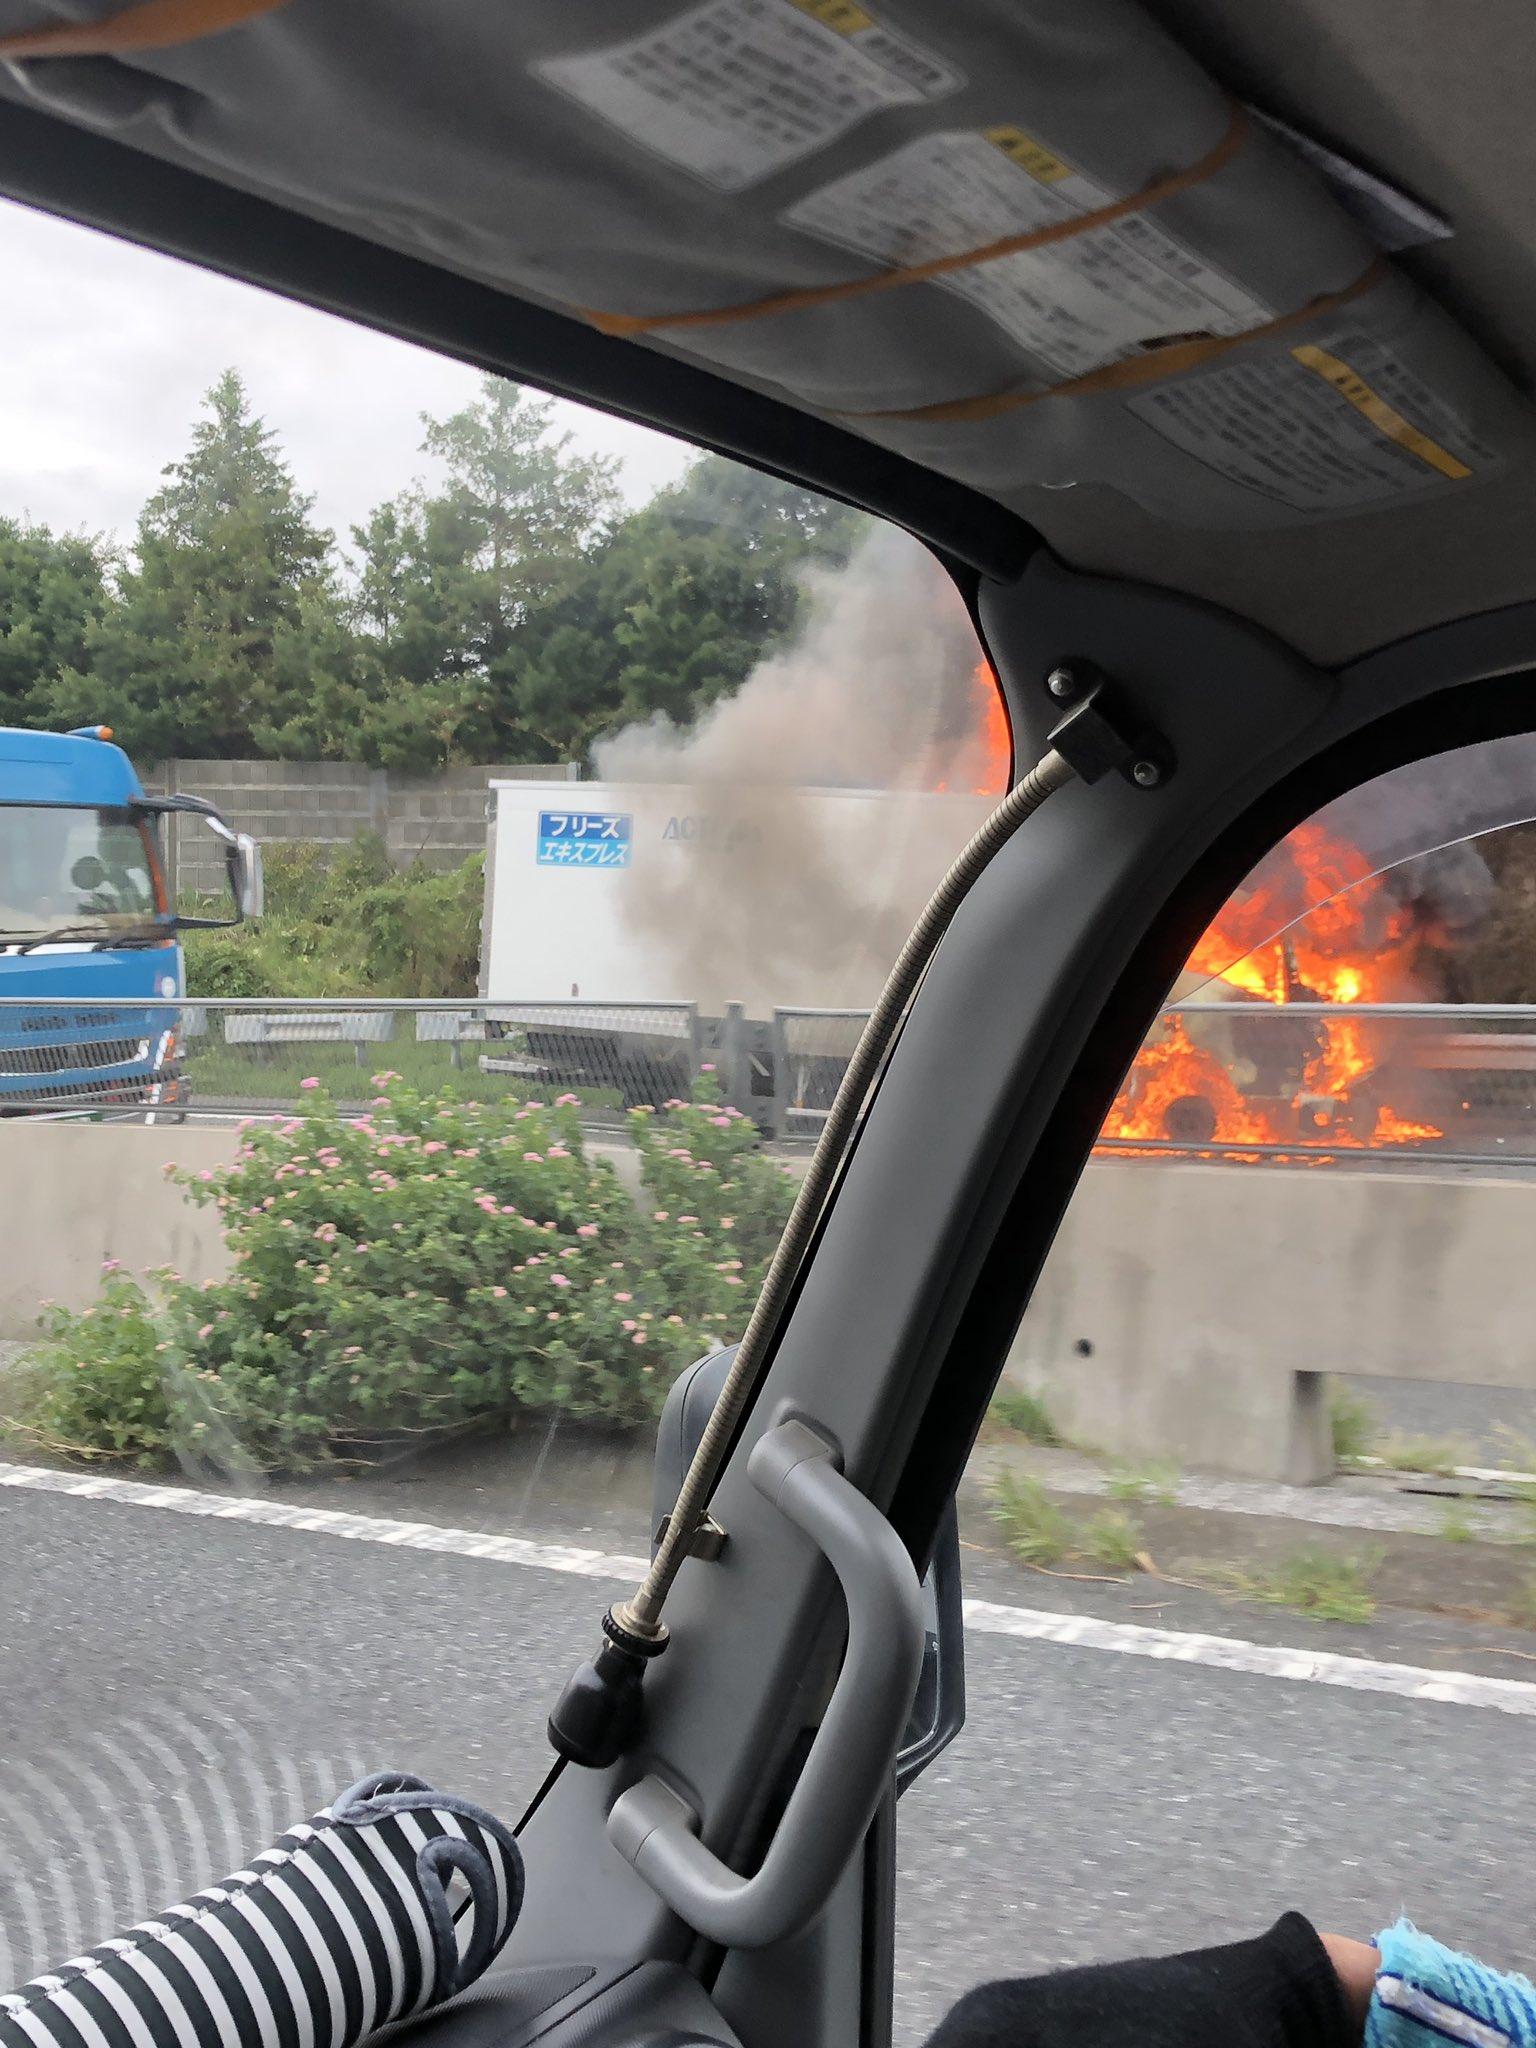 保土ヶ谷バイパスでトラックの車両火災が発生している現場の画像